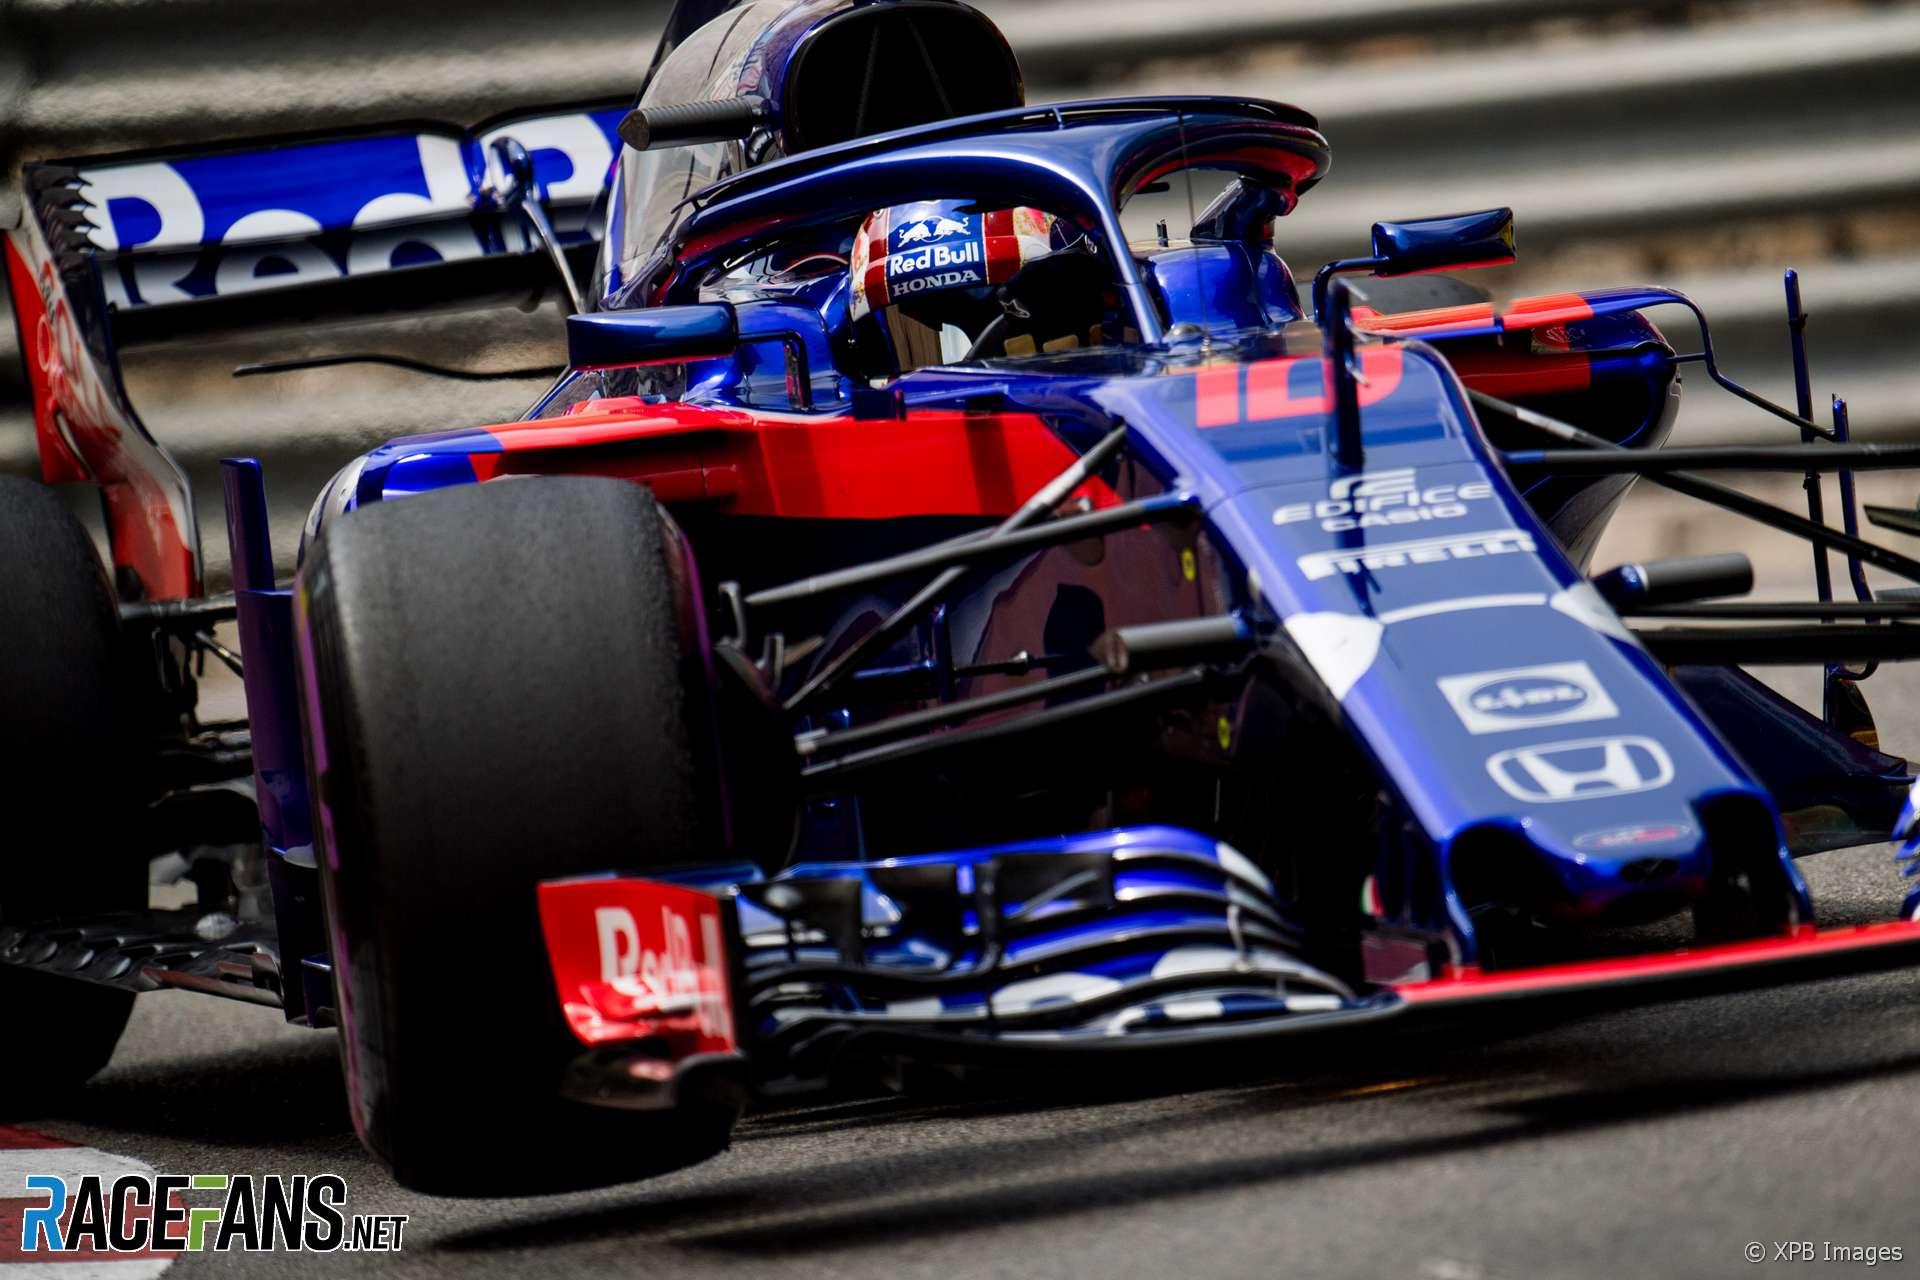 racefansdotnet-20180524-154738-23.jpg